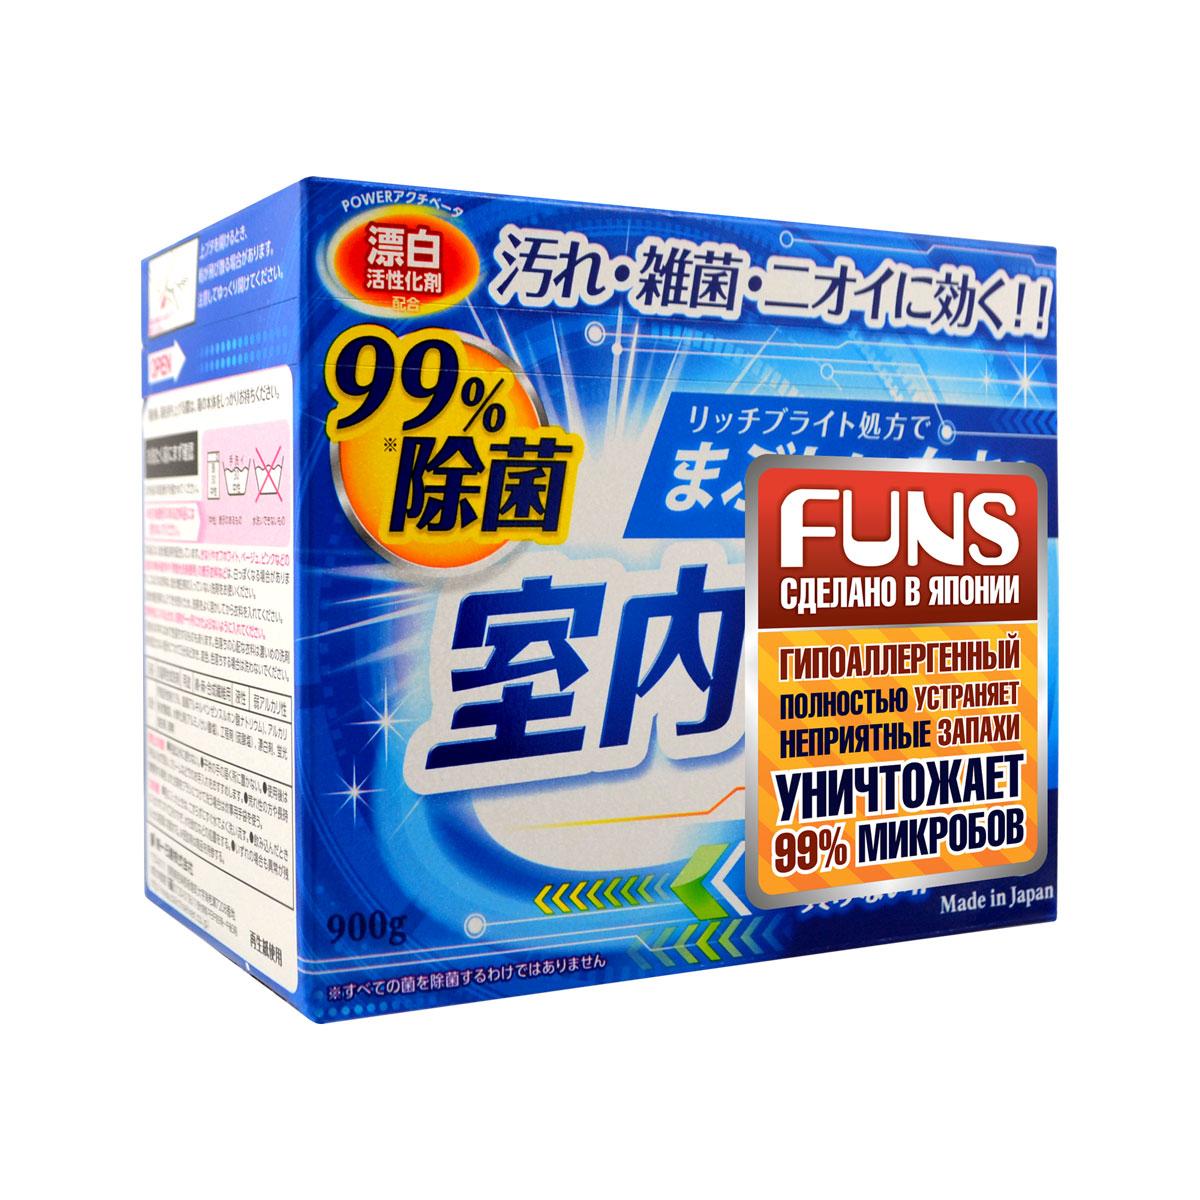 Порошок стиральный для чистоты вещей и сушки белья в помещении Funs, 900 г32795Стиральный порошок FUNS предназначен для стирки белого и цветного белья. Придает нежный аромат белью и борется с бактериями, вызывающими неприятный запах при сушке в комнате. Обладает тройным действием: стирает, уничтожает 99% микробов, устраняет неприятные запахи. Прекрасно подходит для стирки тканей из хлопка, синтетических волокон. Подходит для всех типов стиральных машин и защищает барабан от плесени. Безопасен при контакте с кожей человека, не сушит и не раздражает кожу рук во время стирки. Может применяться для стирки детского белья. Подходит как для ручной, так и машинной стирки. Полностью вымывается с одежды, за счет чего порошок является гипоаллергенным. Прилагается специальная бумажная мерная ложка на 20 грамм. Норма использования: Объем воды Вес белья Норма порошка 65 л 7.0 кг 65 г Стиральная машина автоматическая 60 л 6.0 кг 60 г 45 л 4.2 кг 45 г 30 л 2.2 кг 30 г Ручная стирка На 4 л – 4...